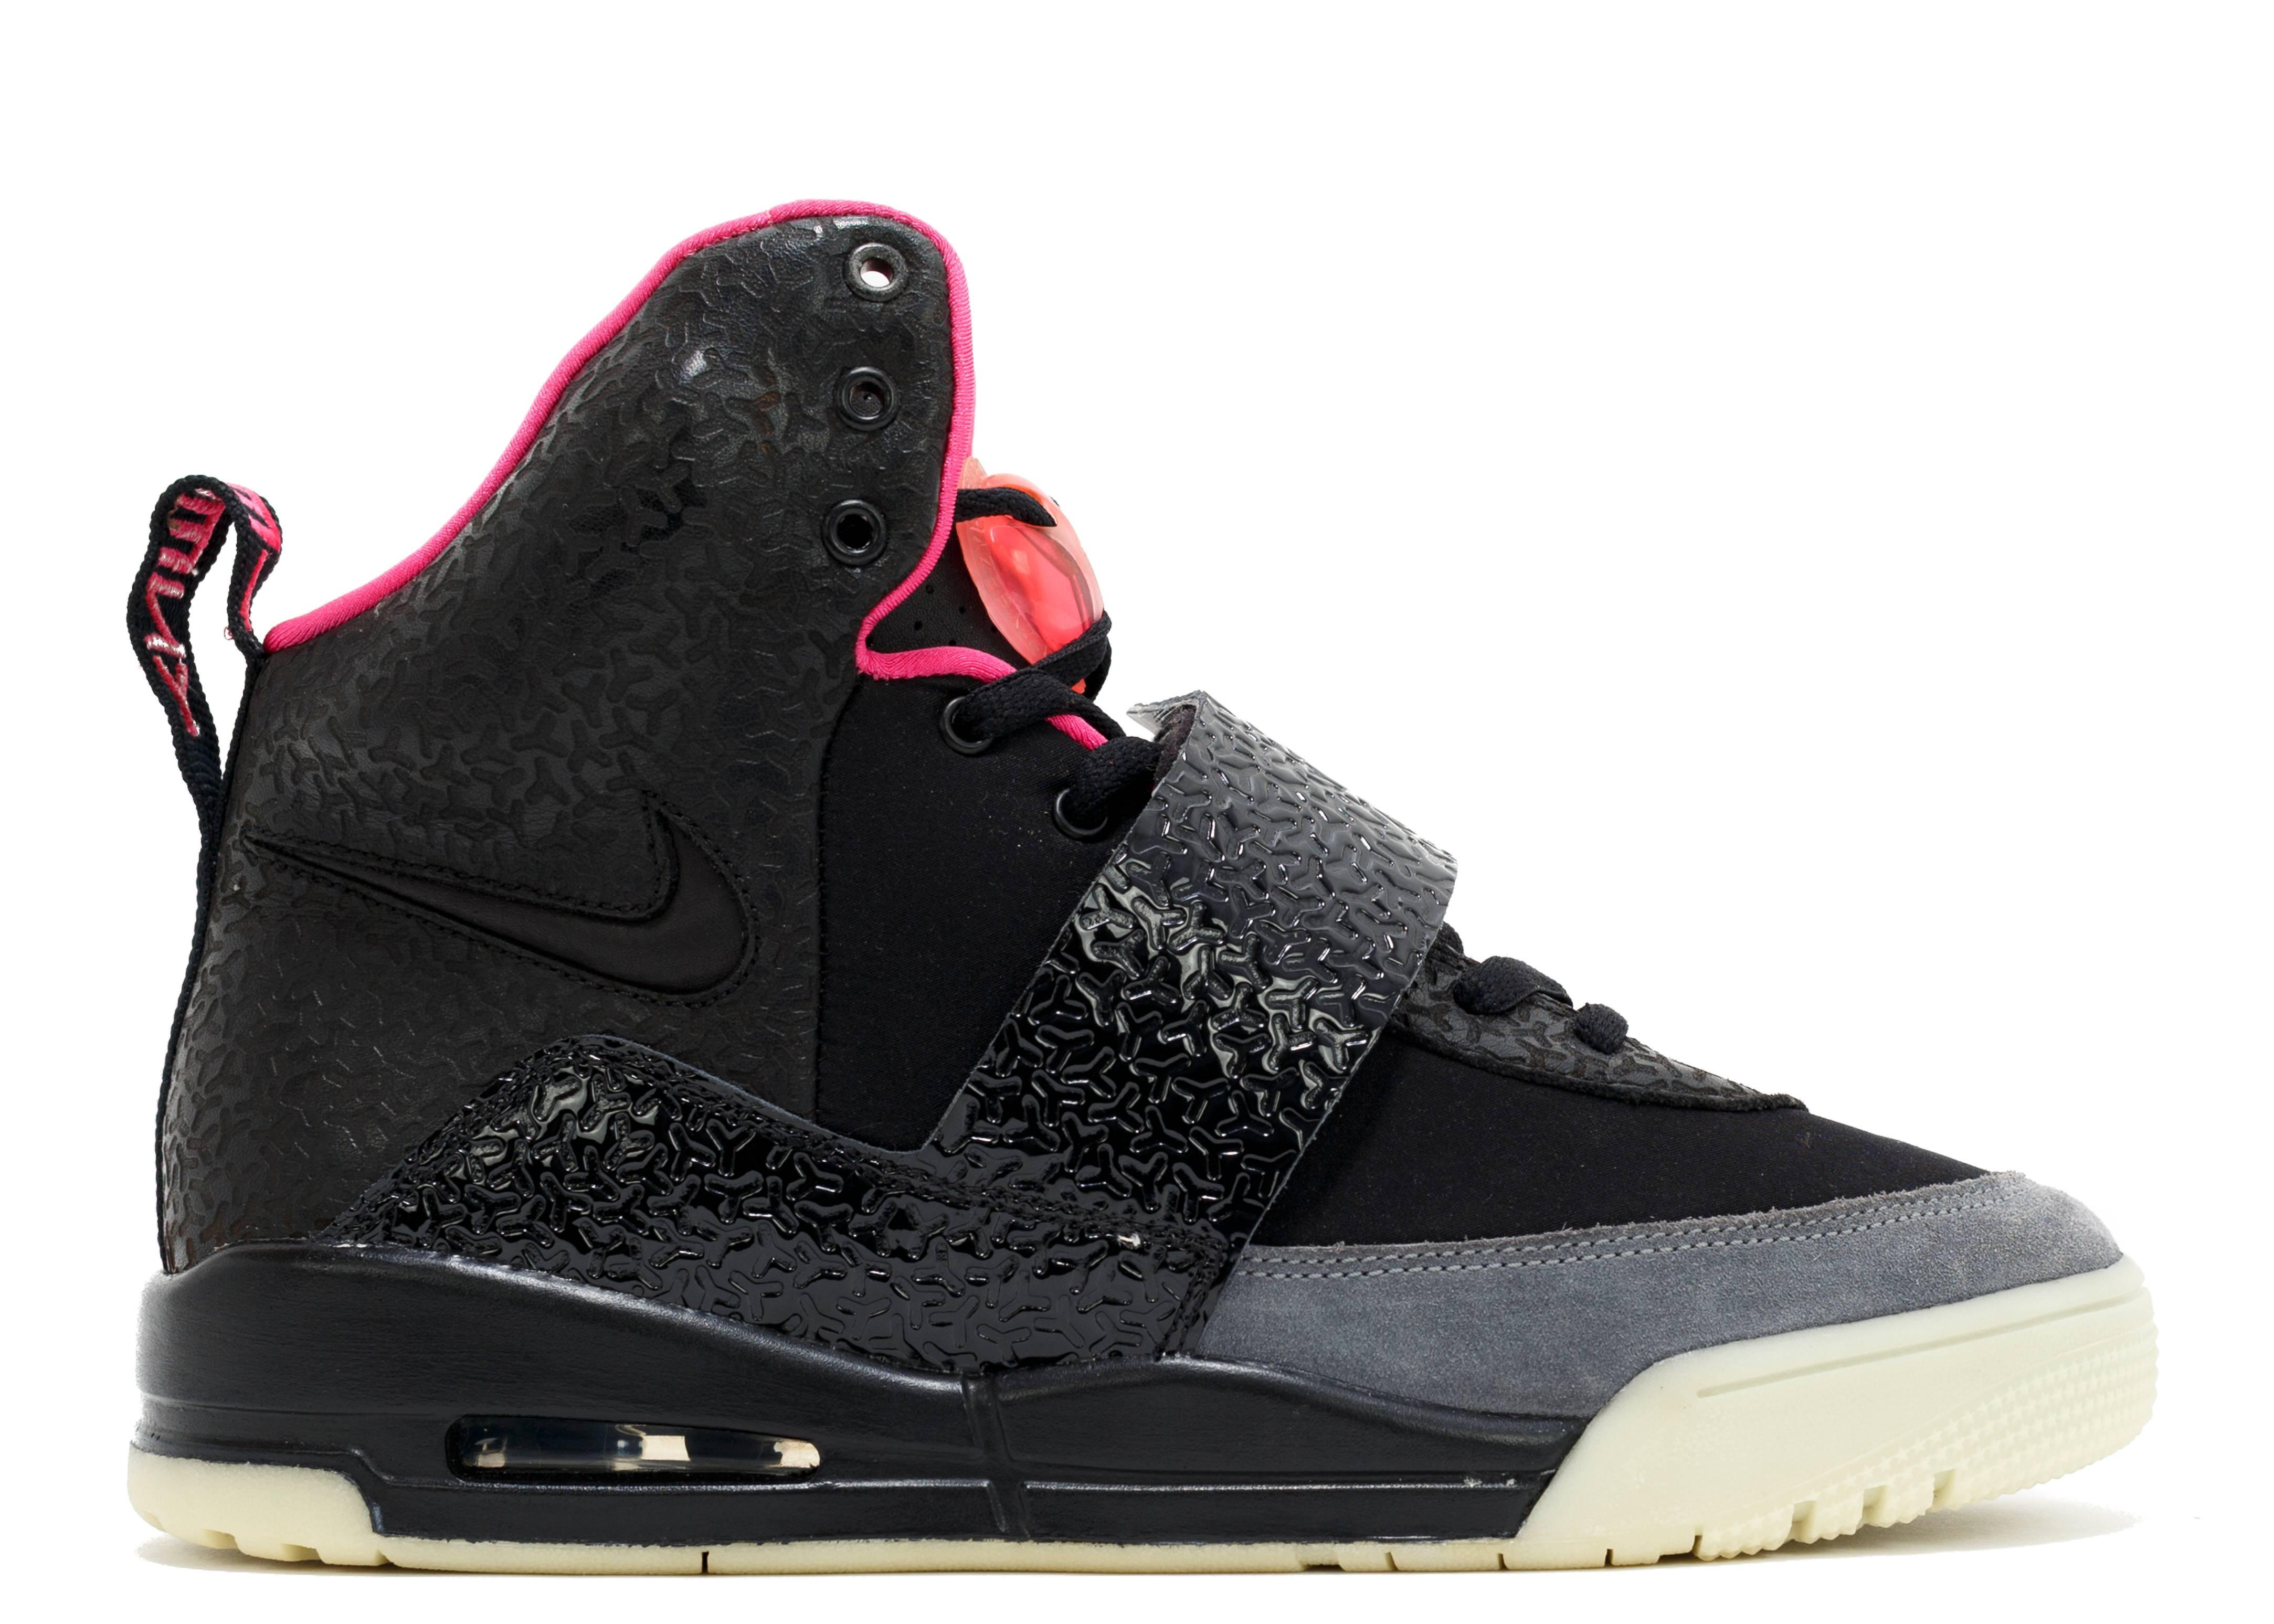 Lanzamiento Descubrimiento Talla  Air Yeezy 'Blink' - Nike - 366164 003 - black/black | Flight Club